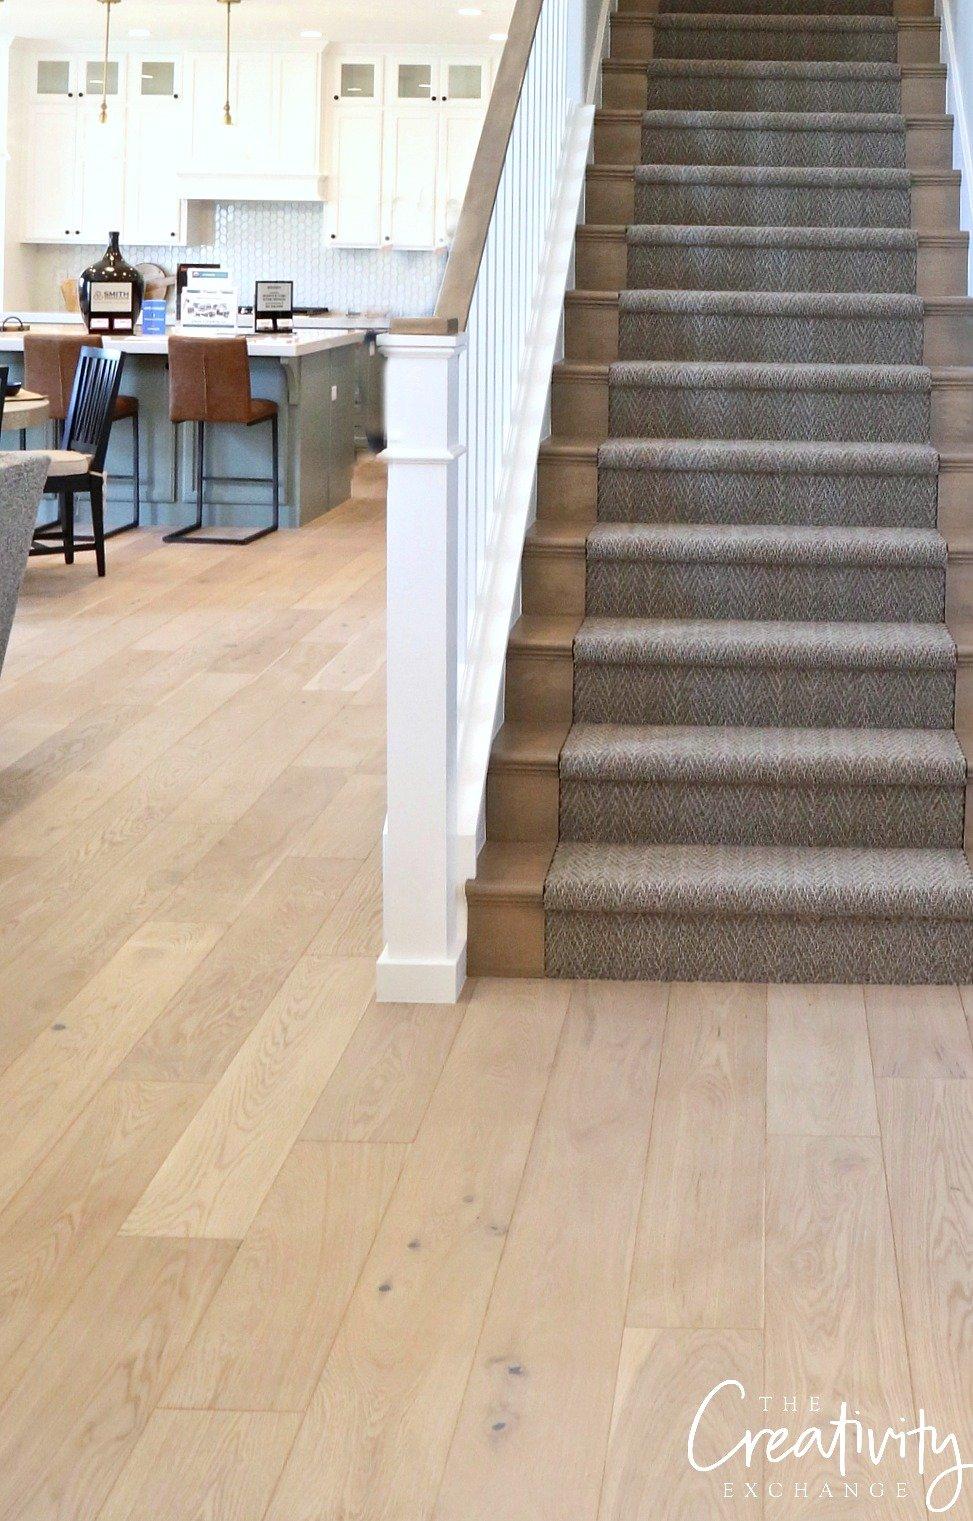 Wide plank oak hardwood floors